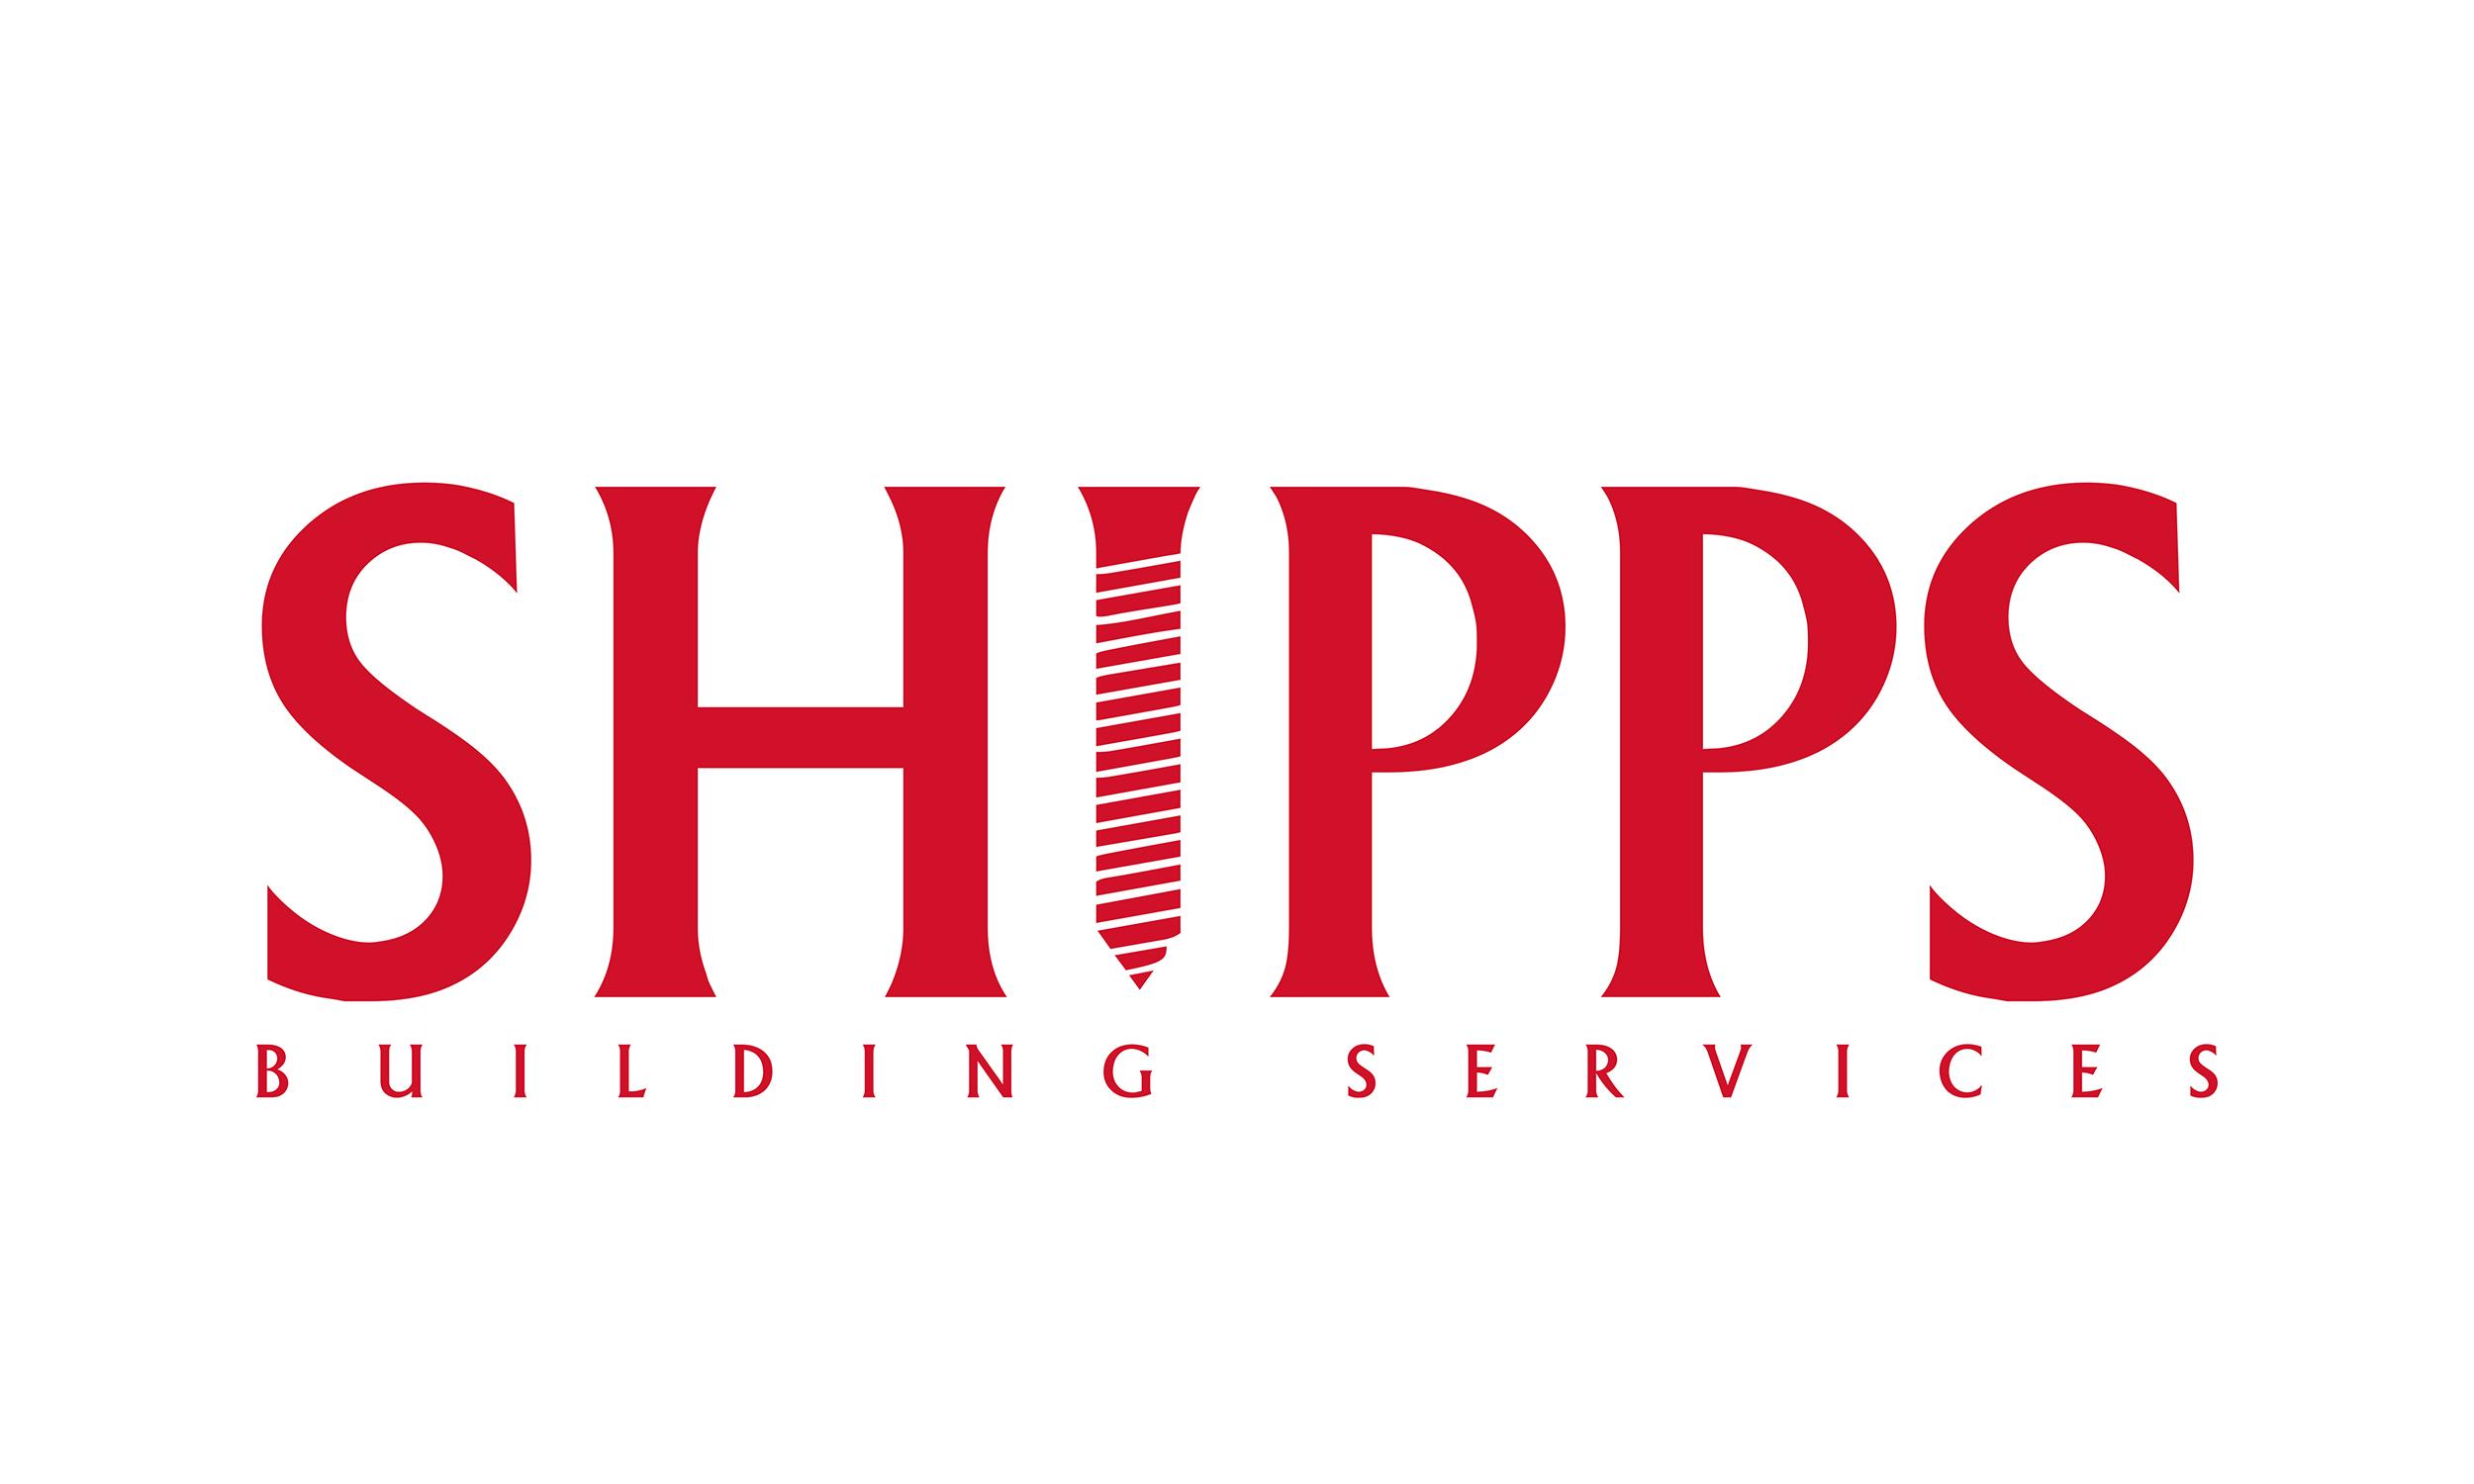 Shipps logo